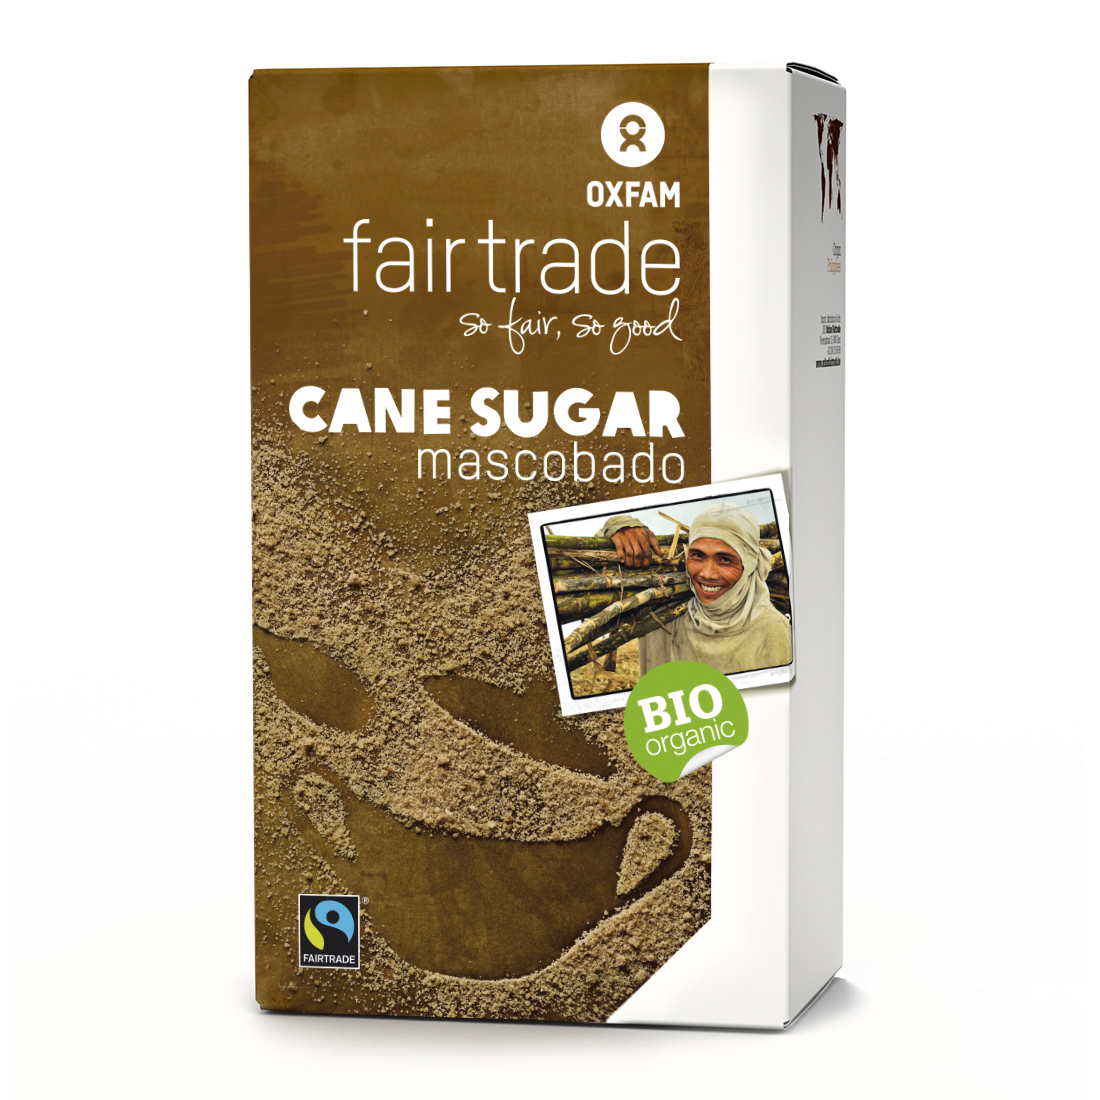 Oxfam Fair Trade 26703